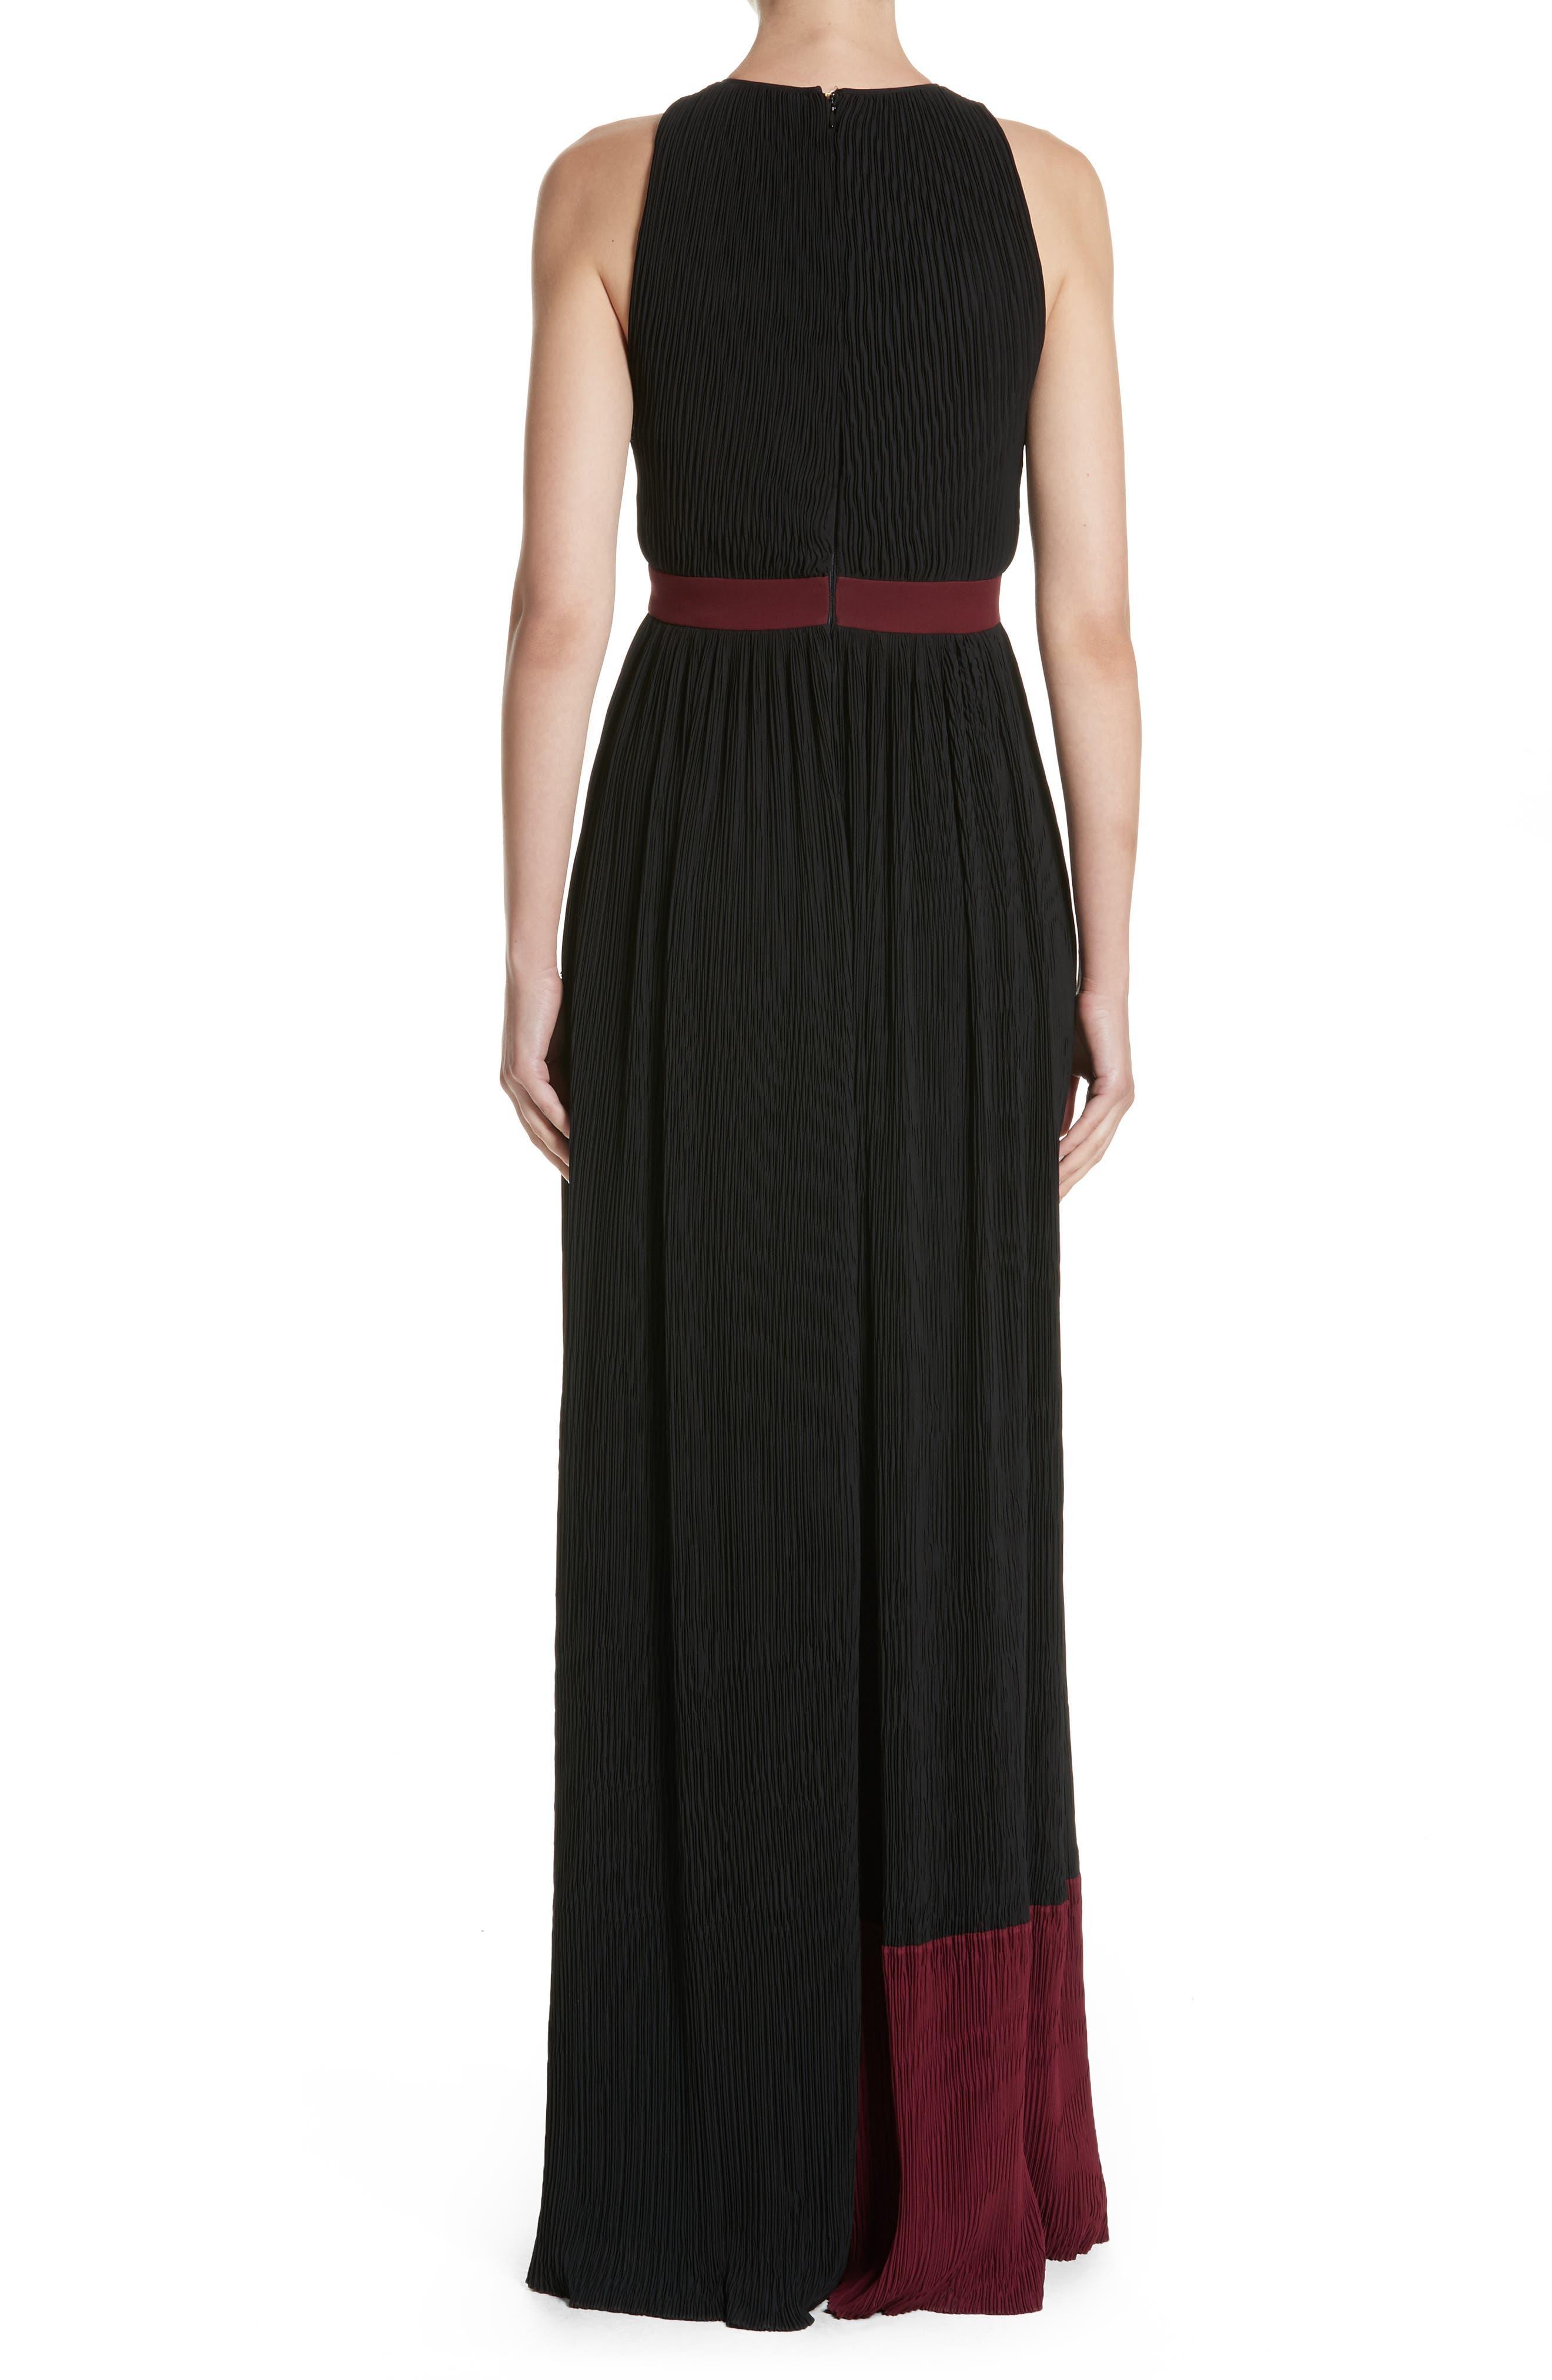 Milda Crystal Pleat Dress,                             Alternate thumbnail 2, color,                             010